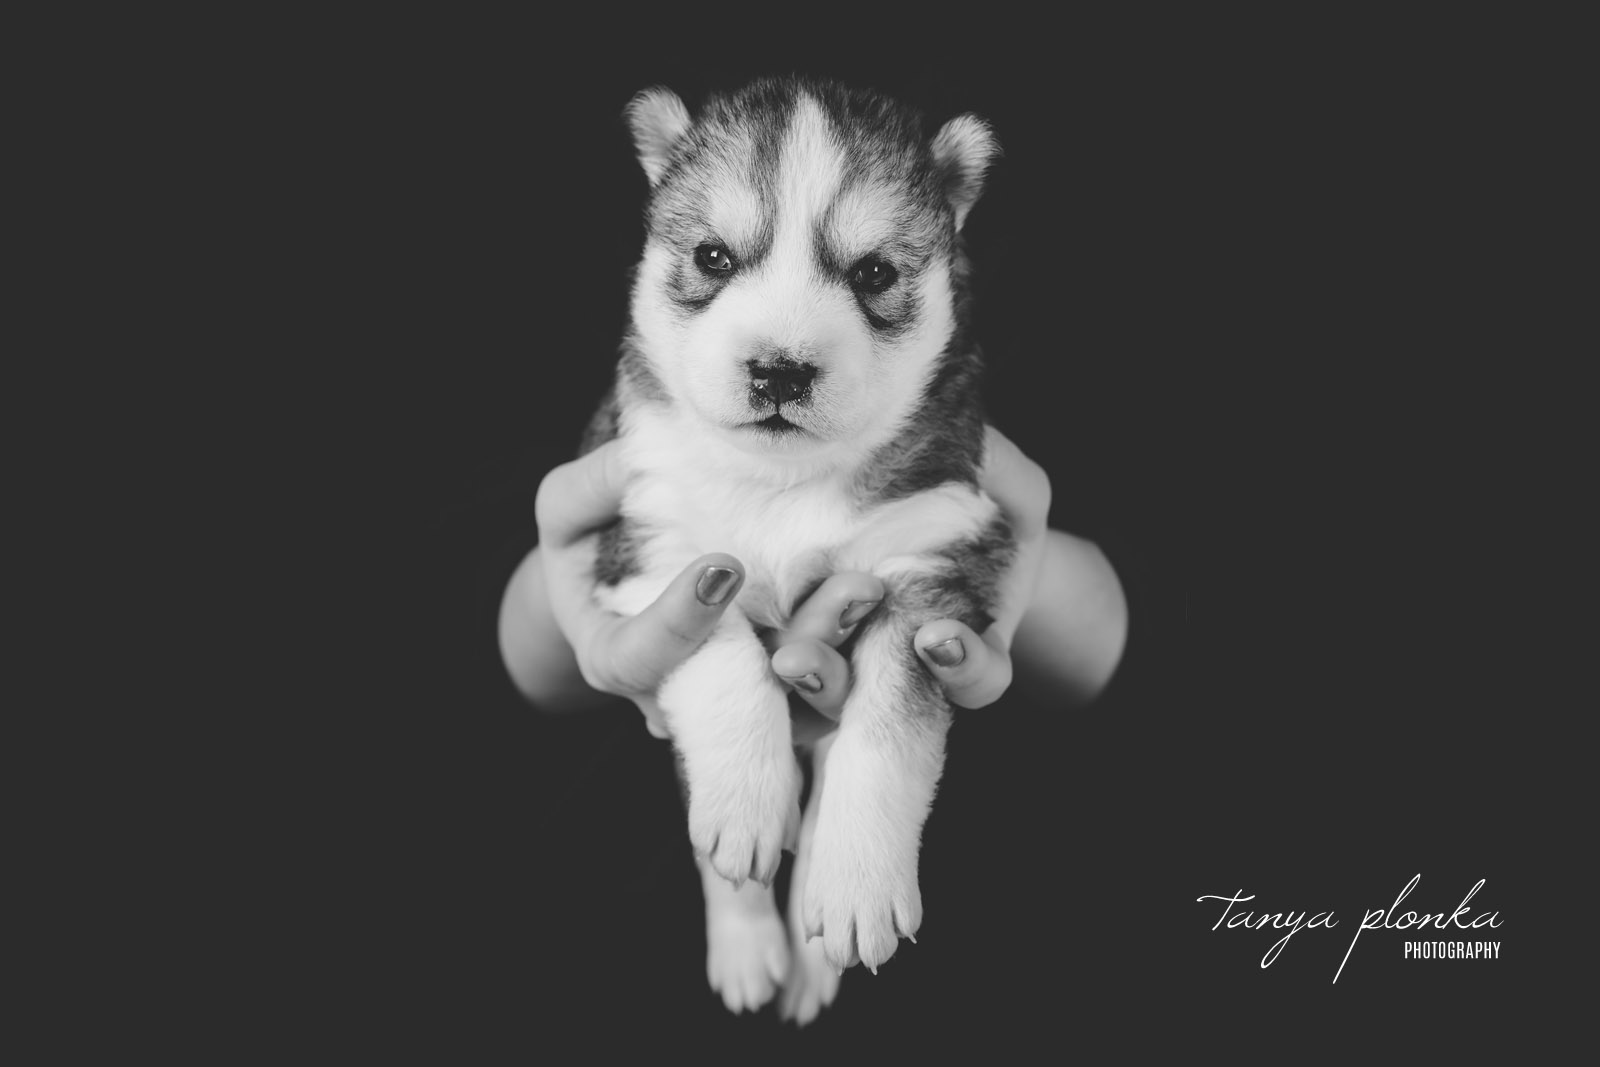 Black & White Husky Puppy in Hands